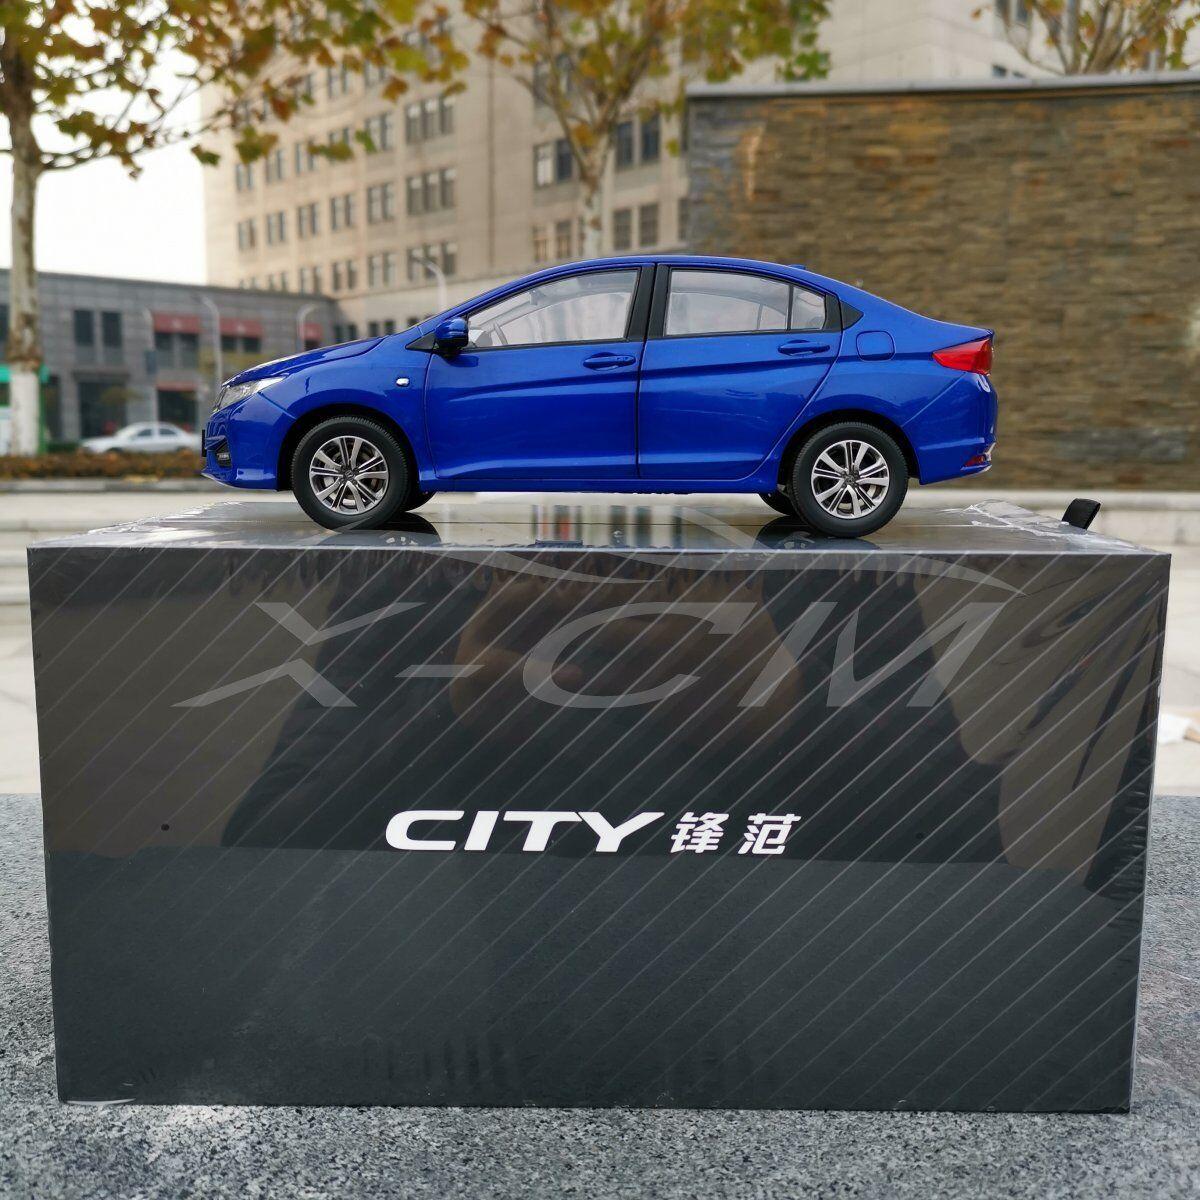 Diecast Car Model New Honda City 2018 1 18 (bluee) + GIFT